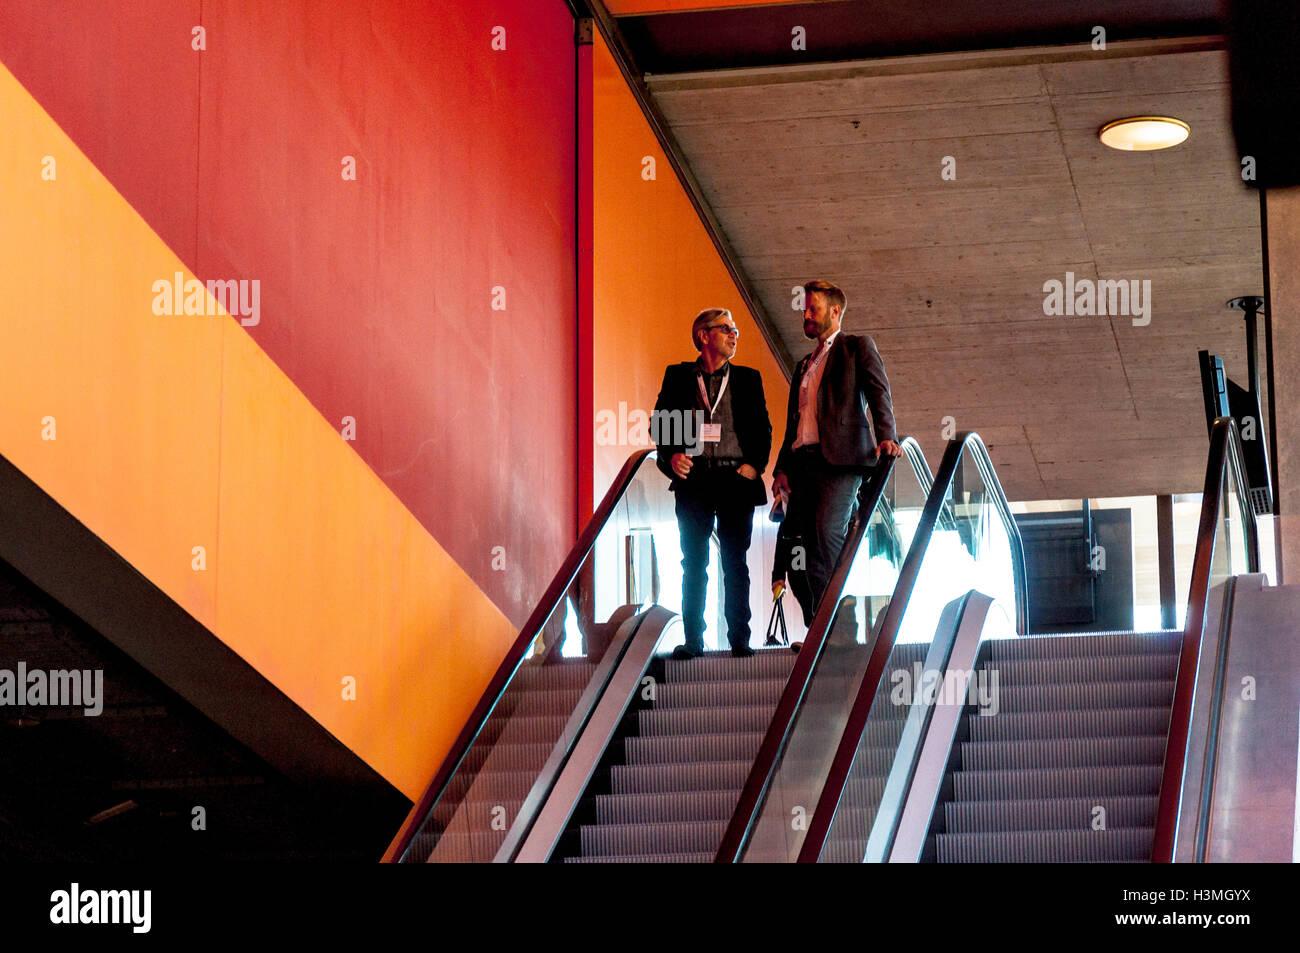 Los asistentes a la conferencia de negocios en un esculator en el centro de conferencias en St.Gallen, Suiza Imagen De Stock